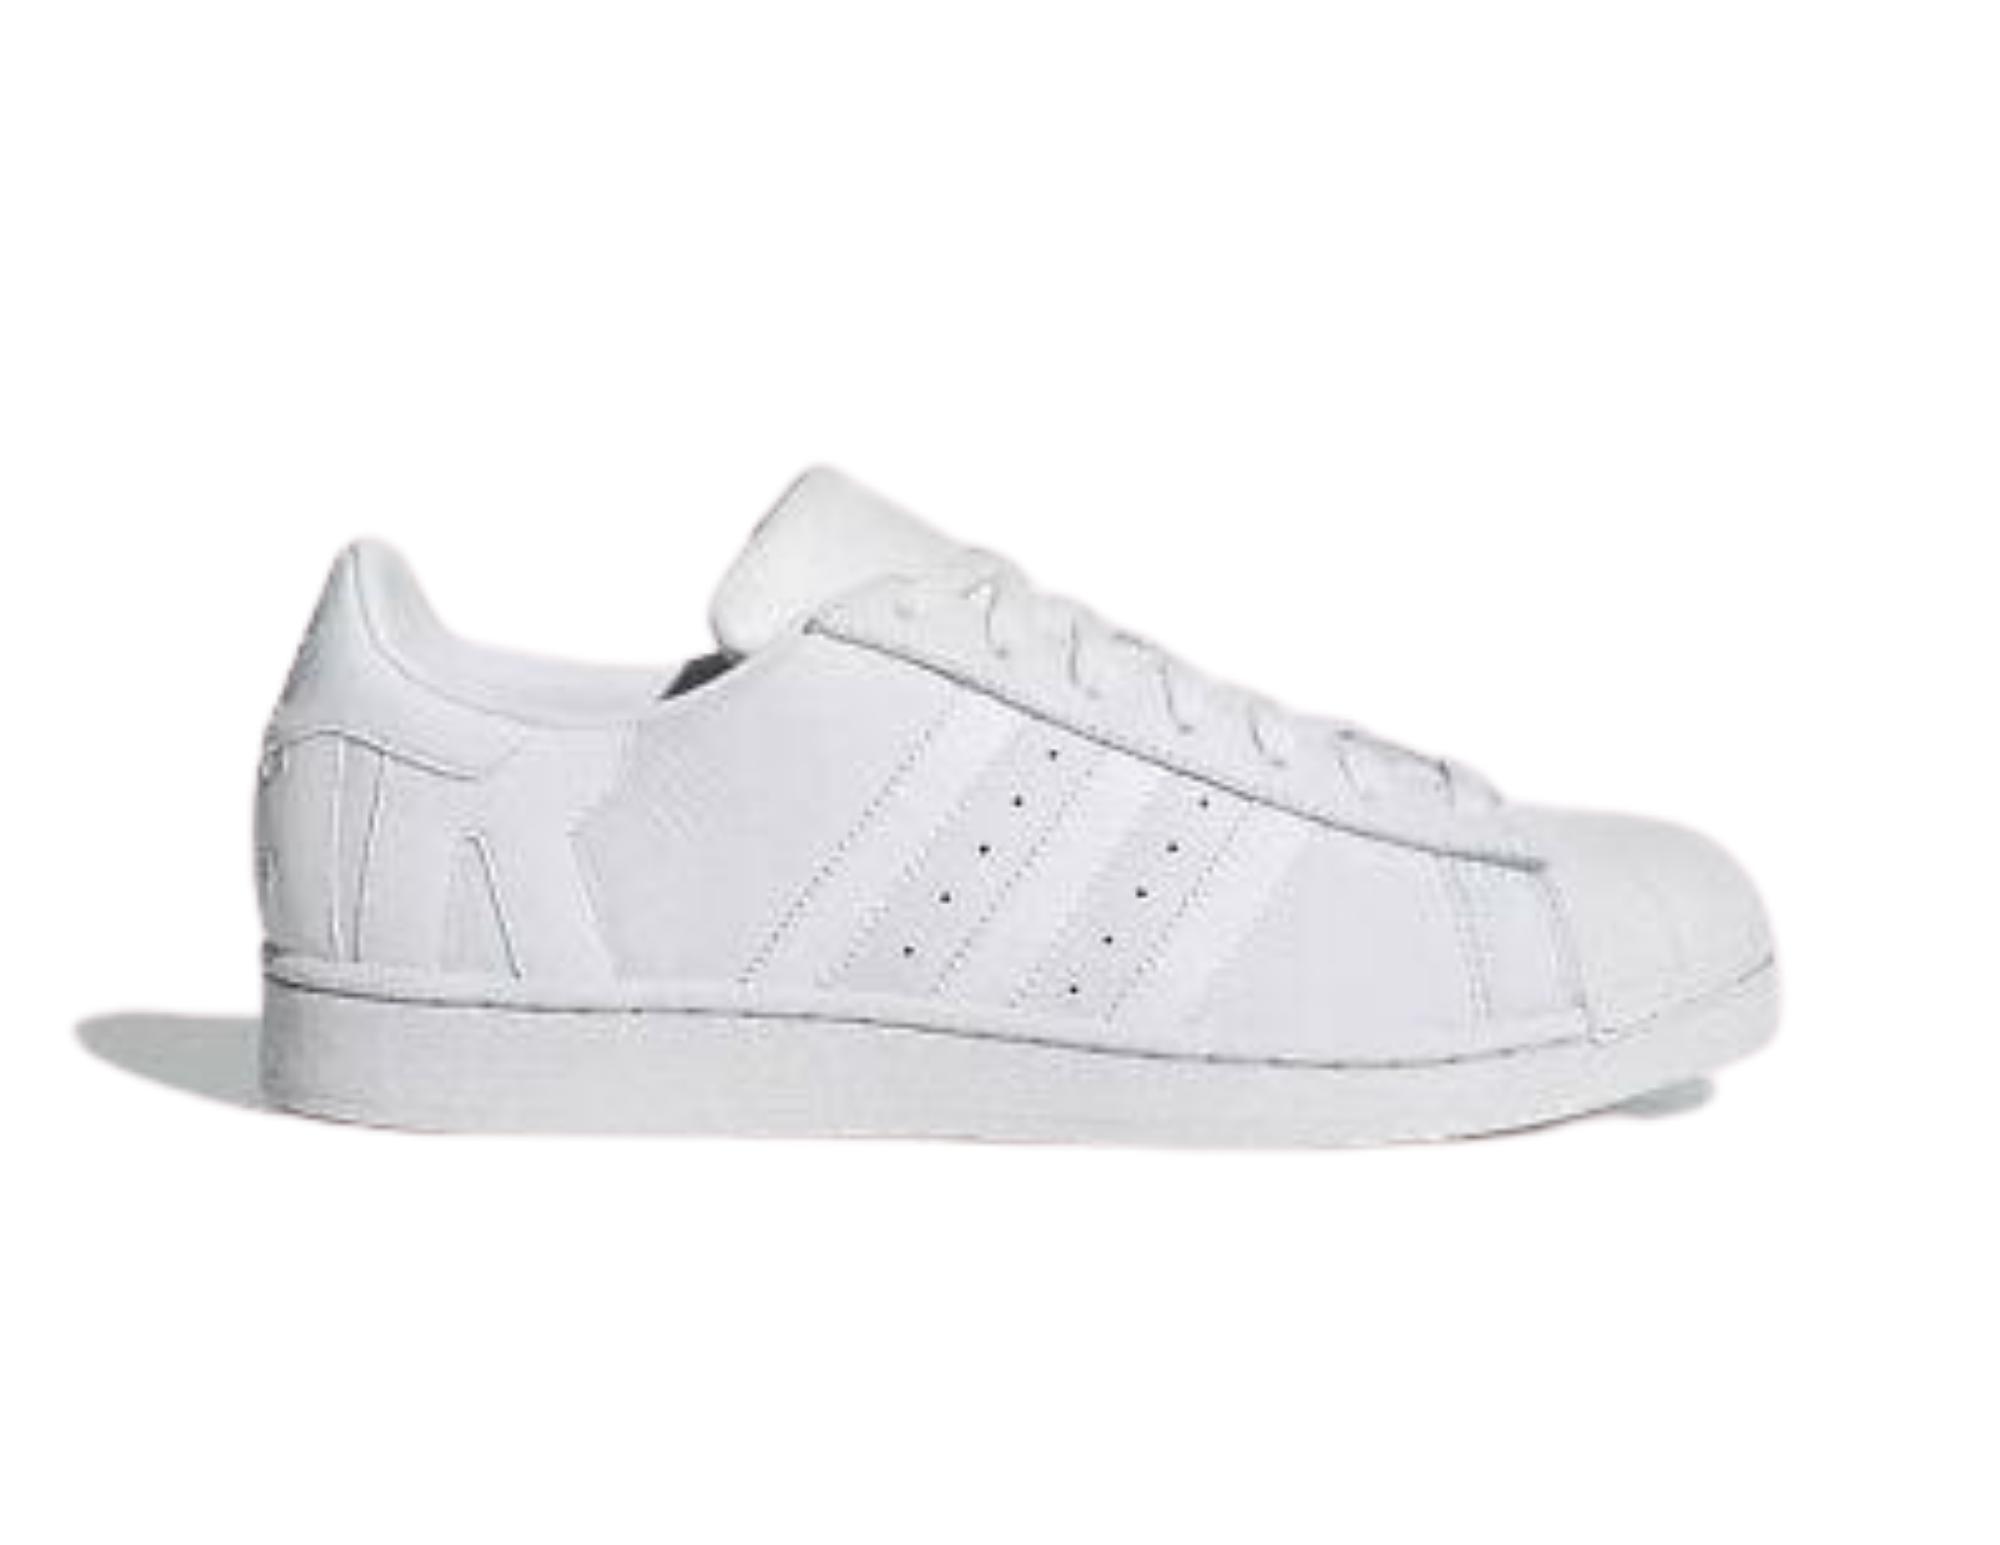 Adidas Originals Unisex Superstar Shoe